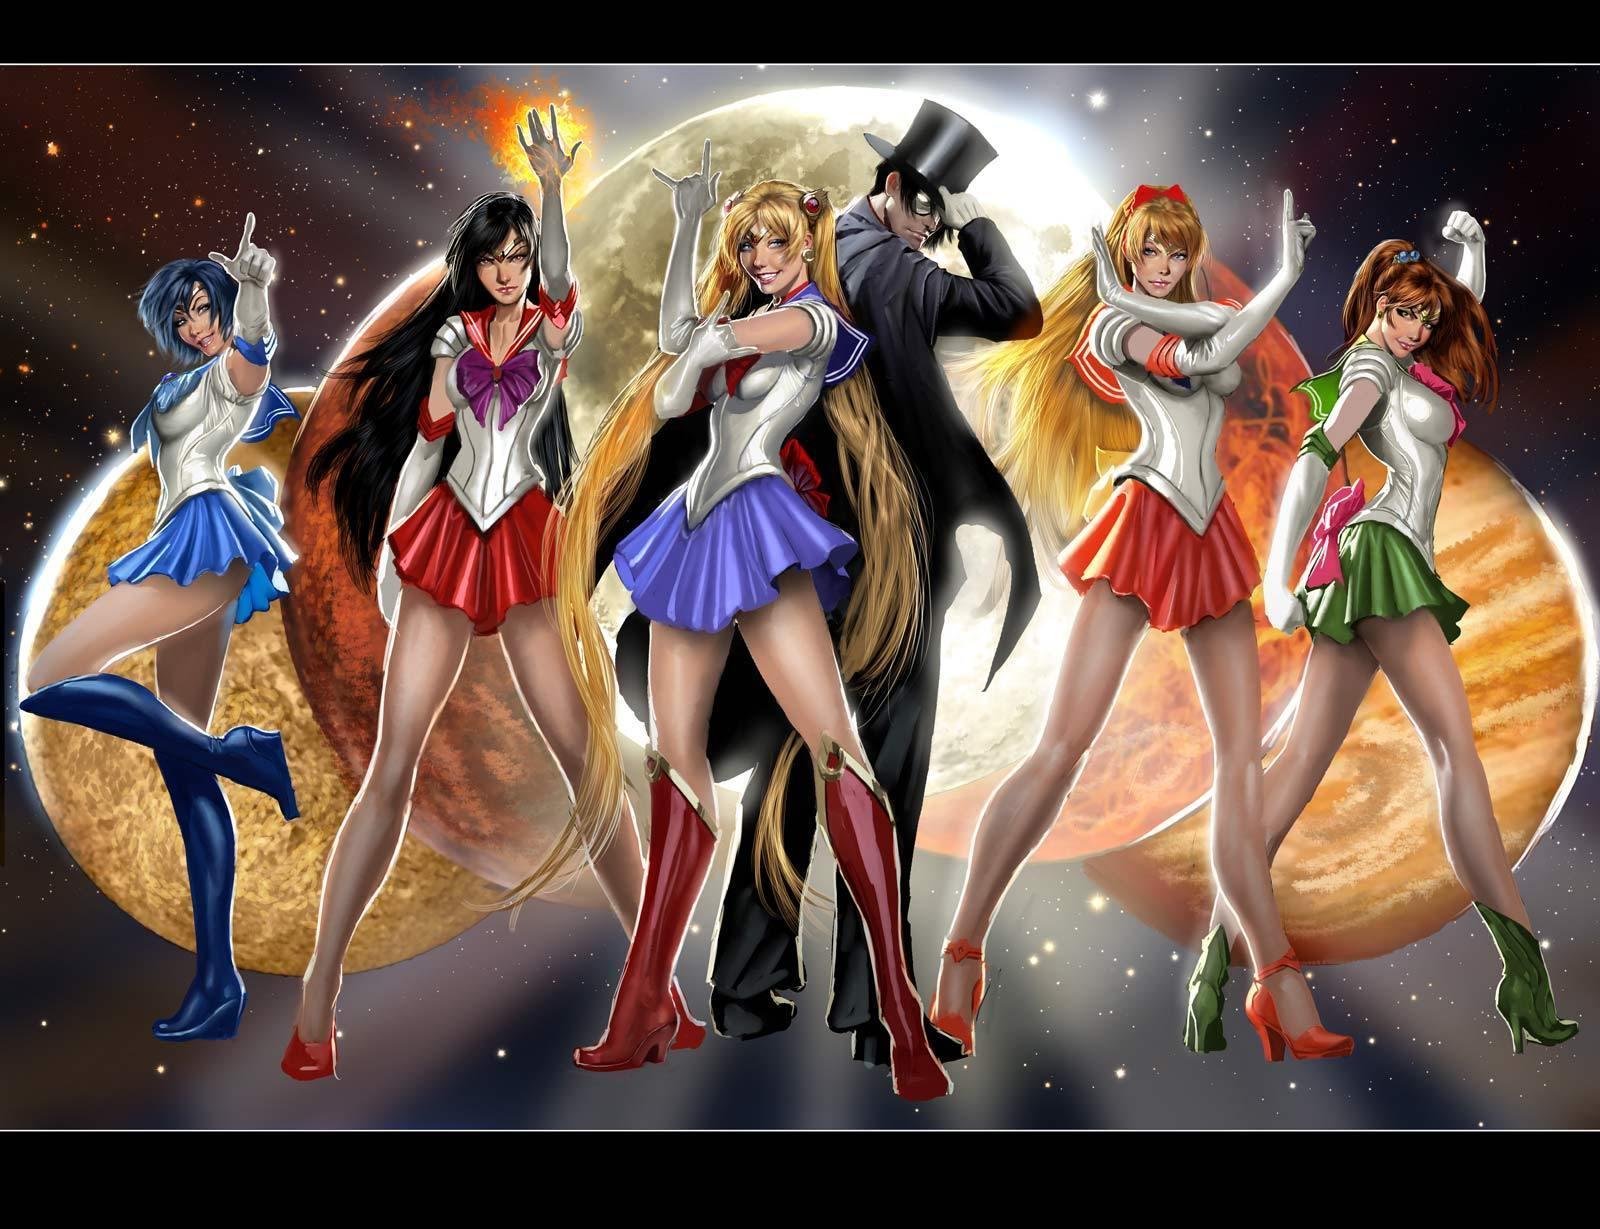 Realistic Sailor Moon? Realistic-Sailor-Senshi-sailor-senshi-17734916-1600-1229